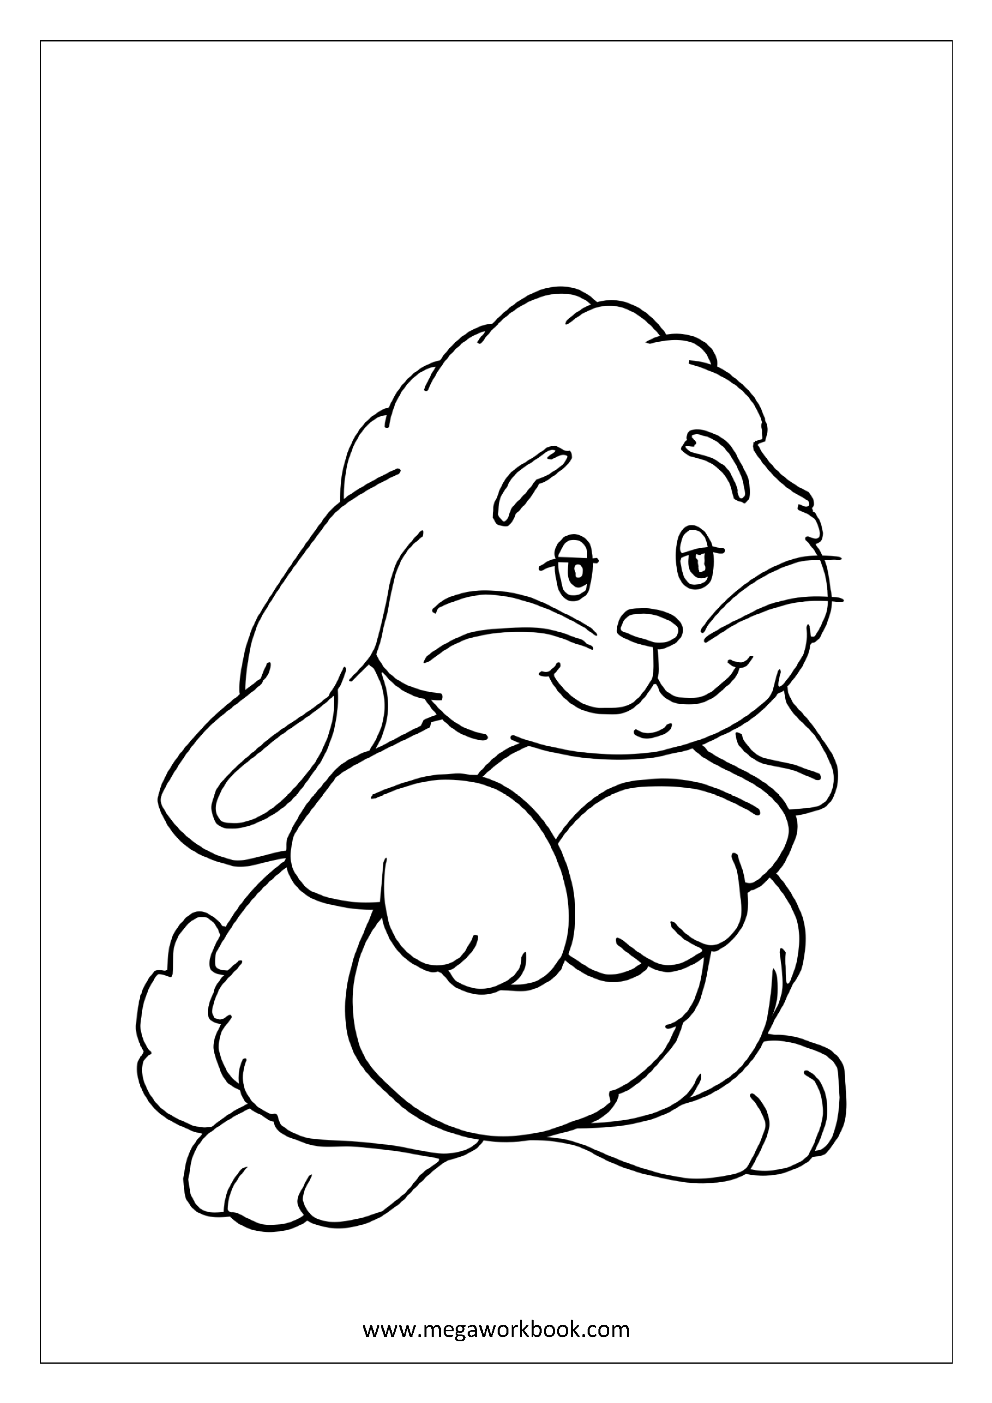 Tipss Und Vorlagen Animals Coloring Page For Kids Malvorlage Hase Kostenlose Ausmalbilder Ausmalbilder